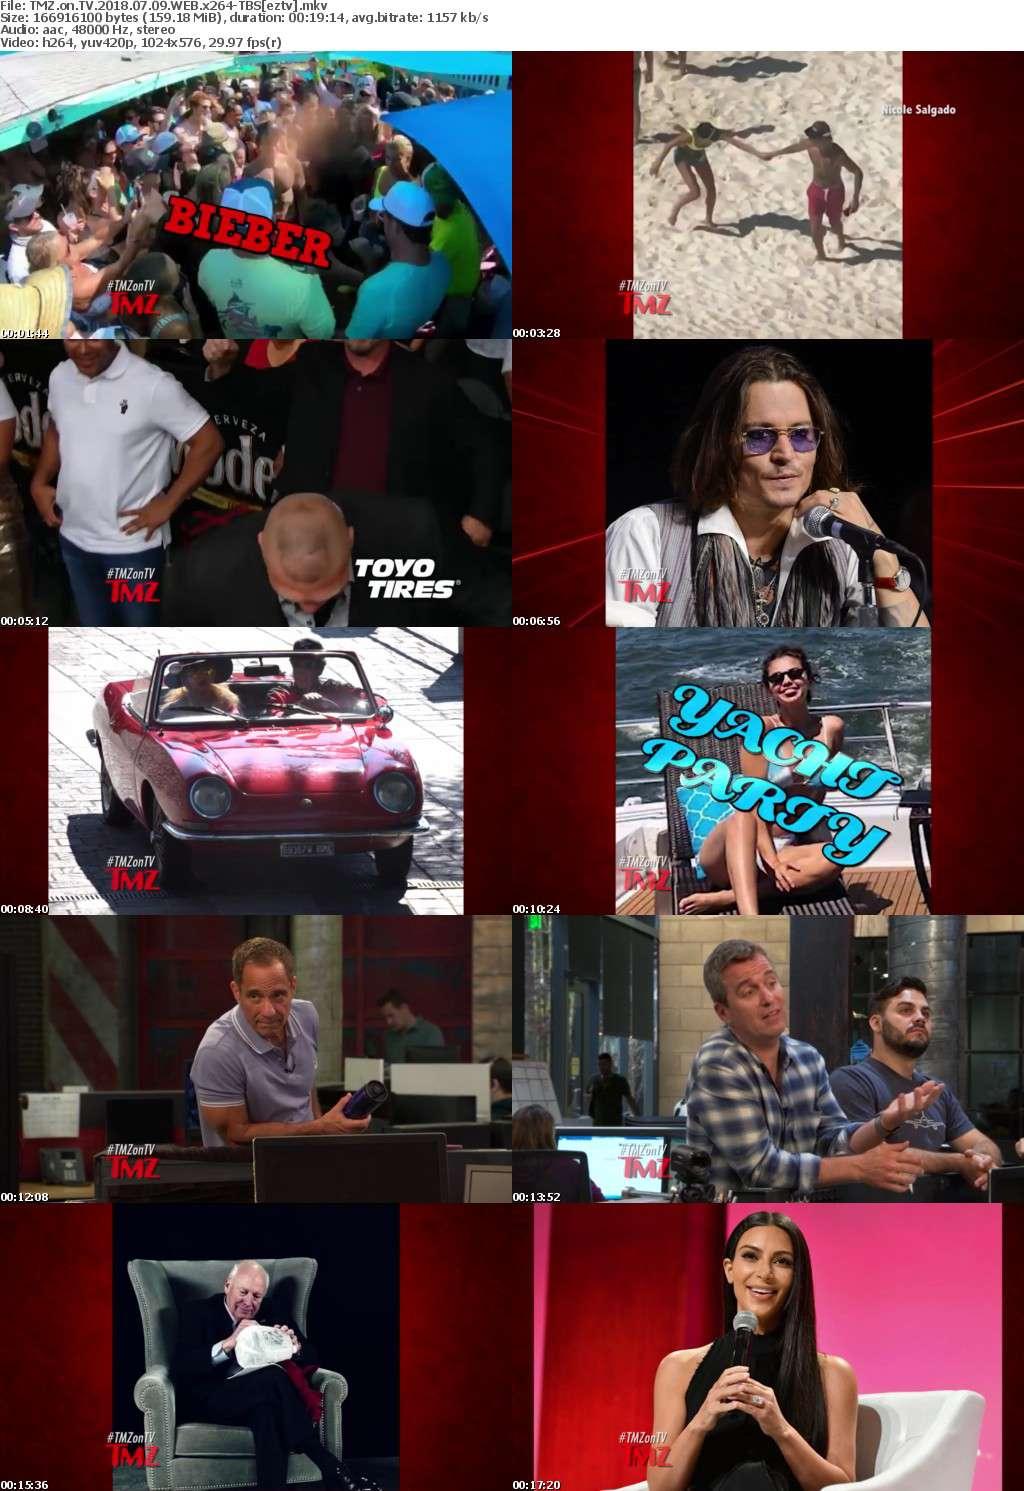 TMZ on TV 2018 07 09 WEB x264-TBS